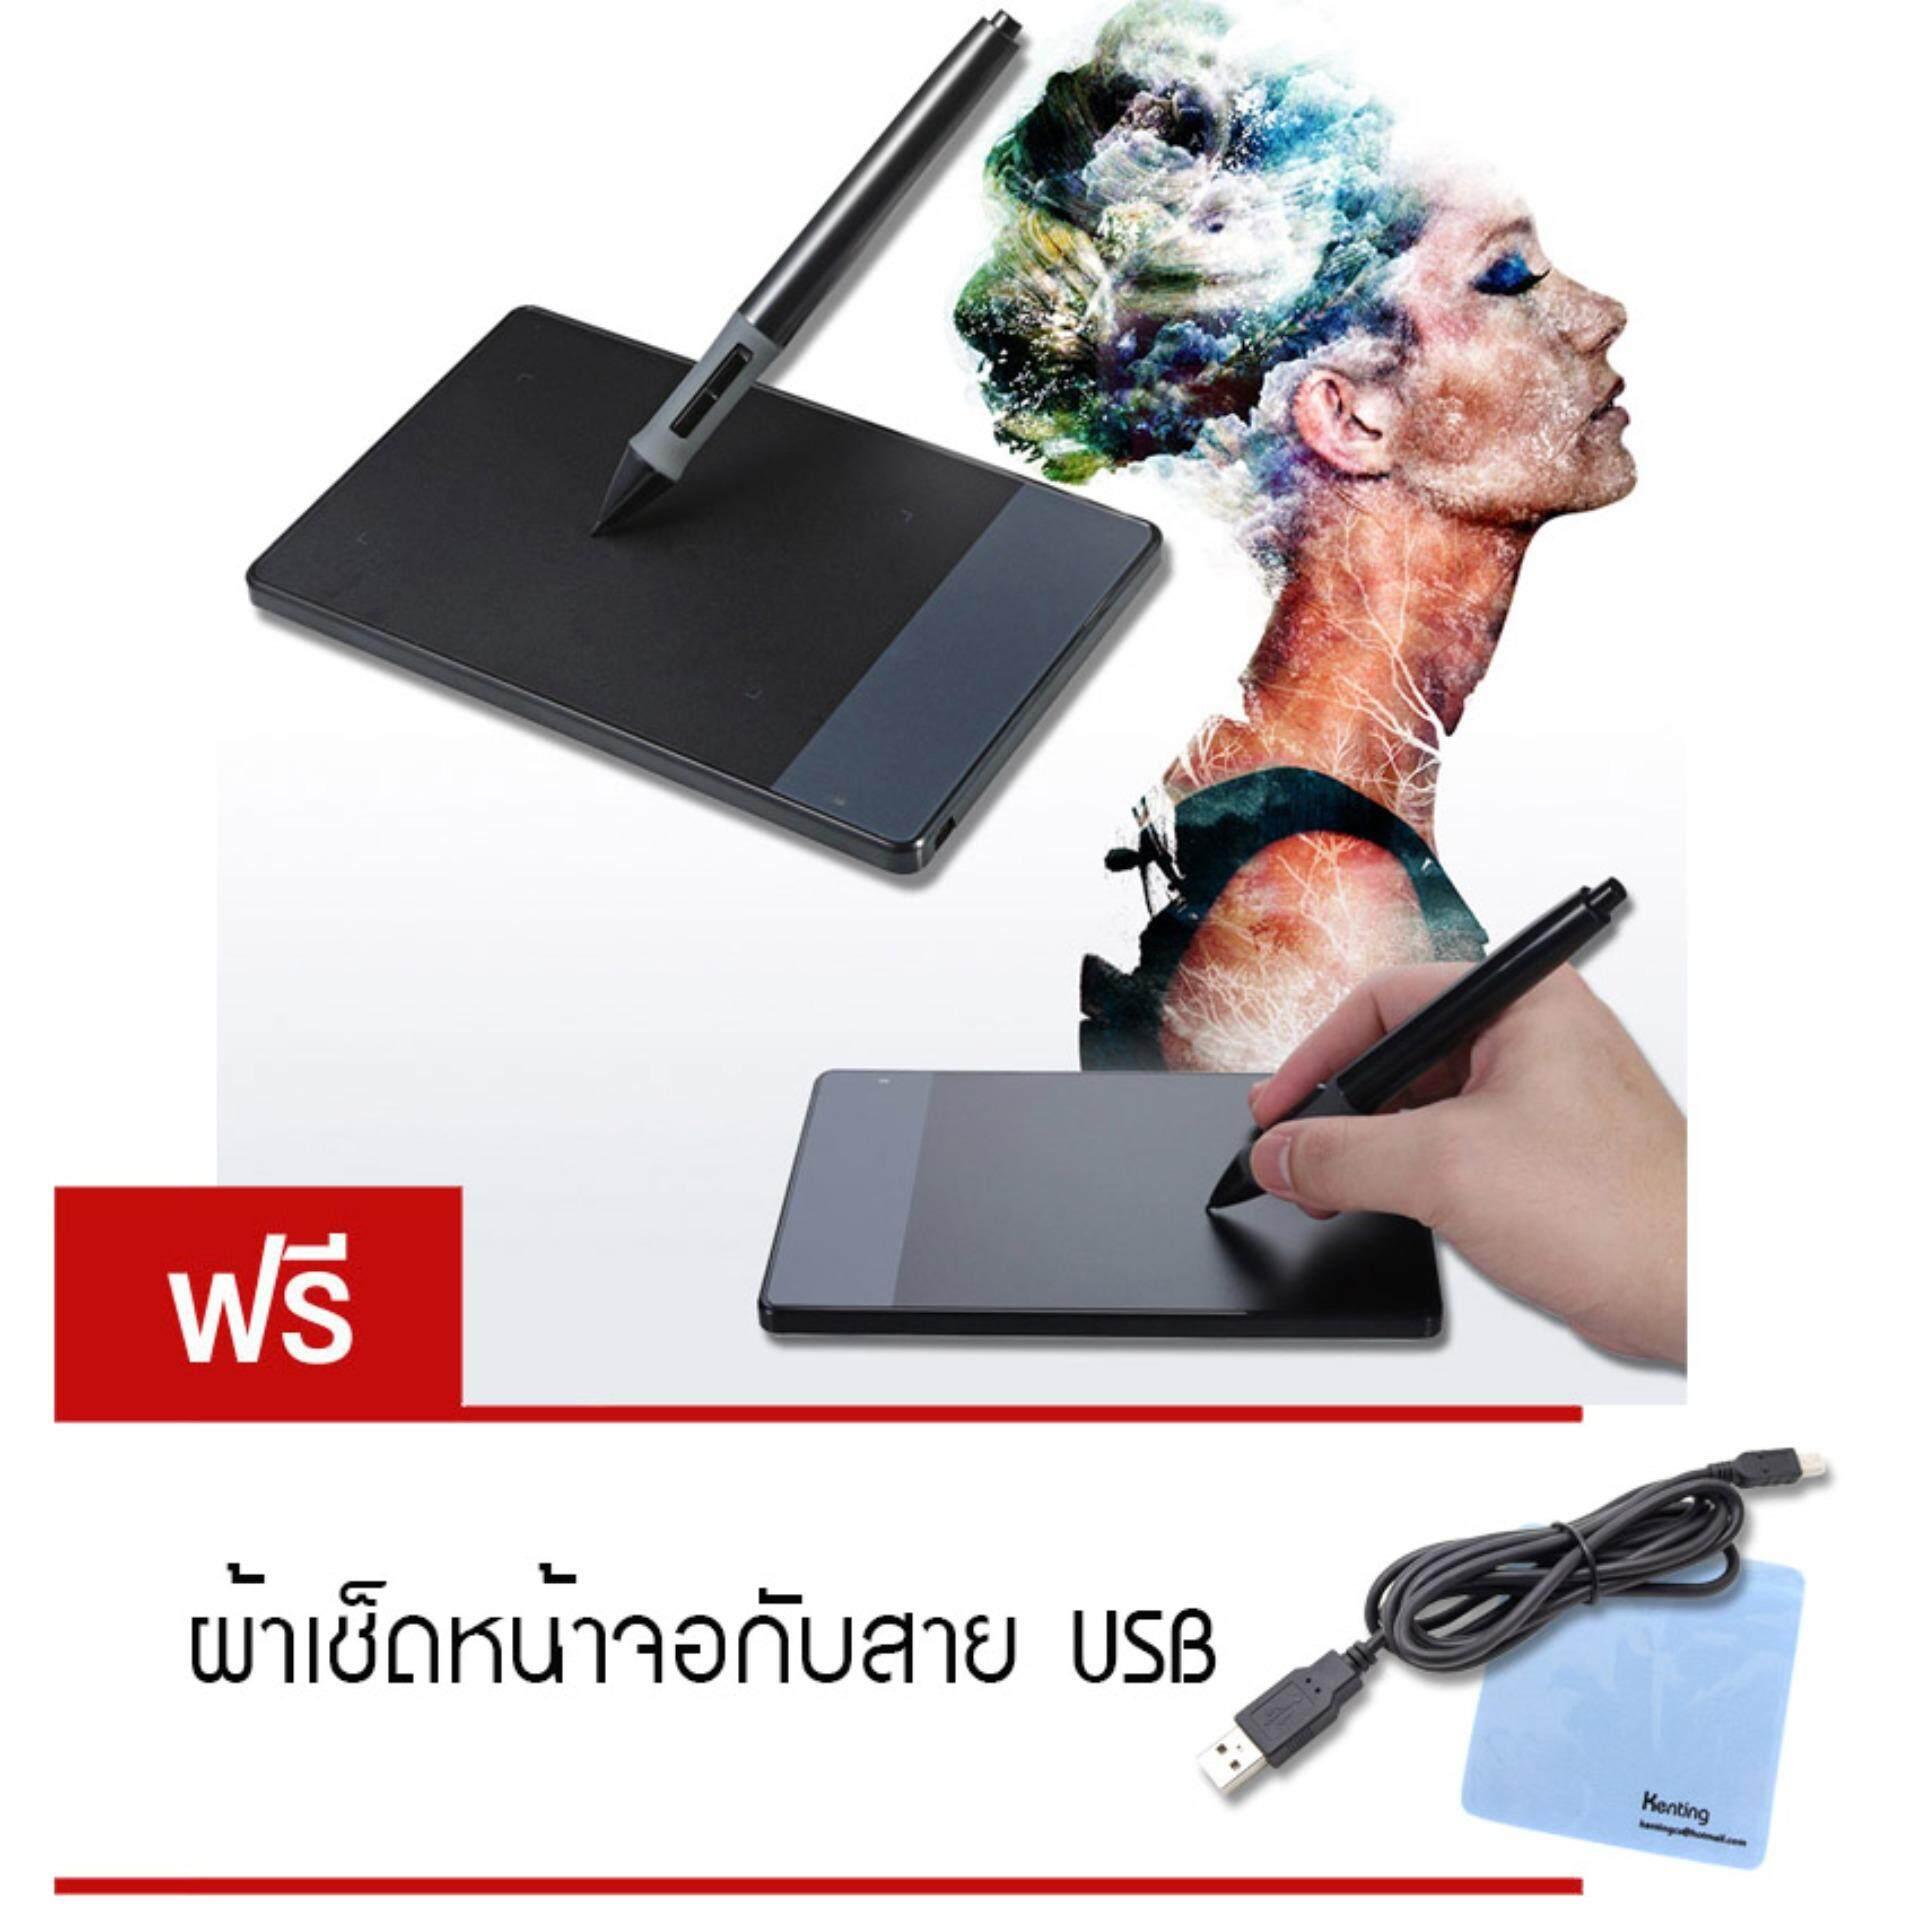 ราคา Tml Huion Osu 420 4 เม้าส์ปากกา แท็บเล็ตกราฟิก สีดำ แถมฟรี ผ้าเช็ดหน้าจอและสาย Usb ใน กรุงเทพมหานคร